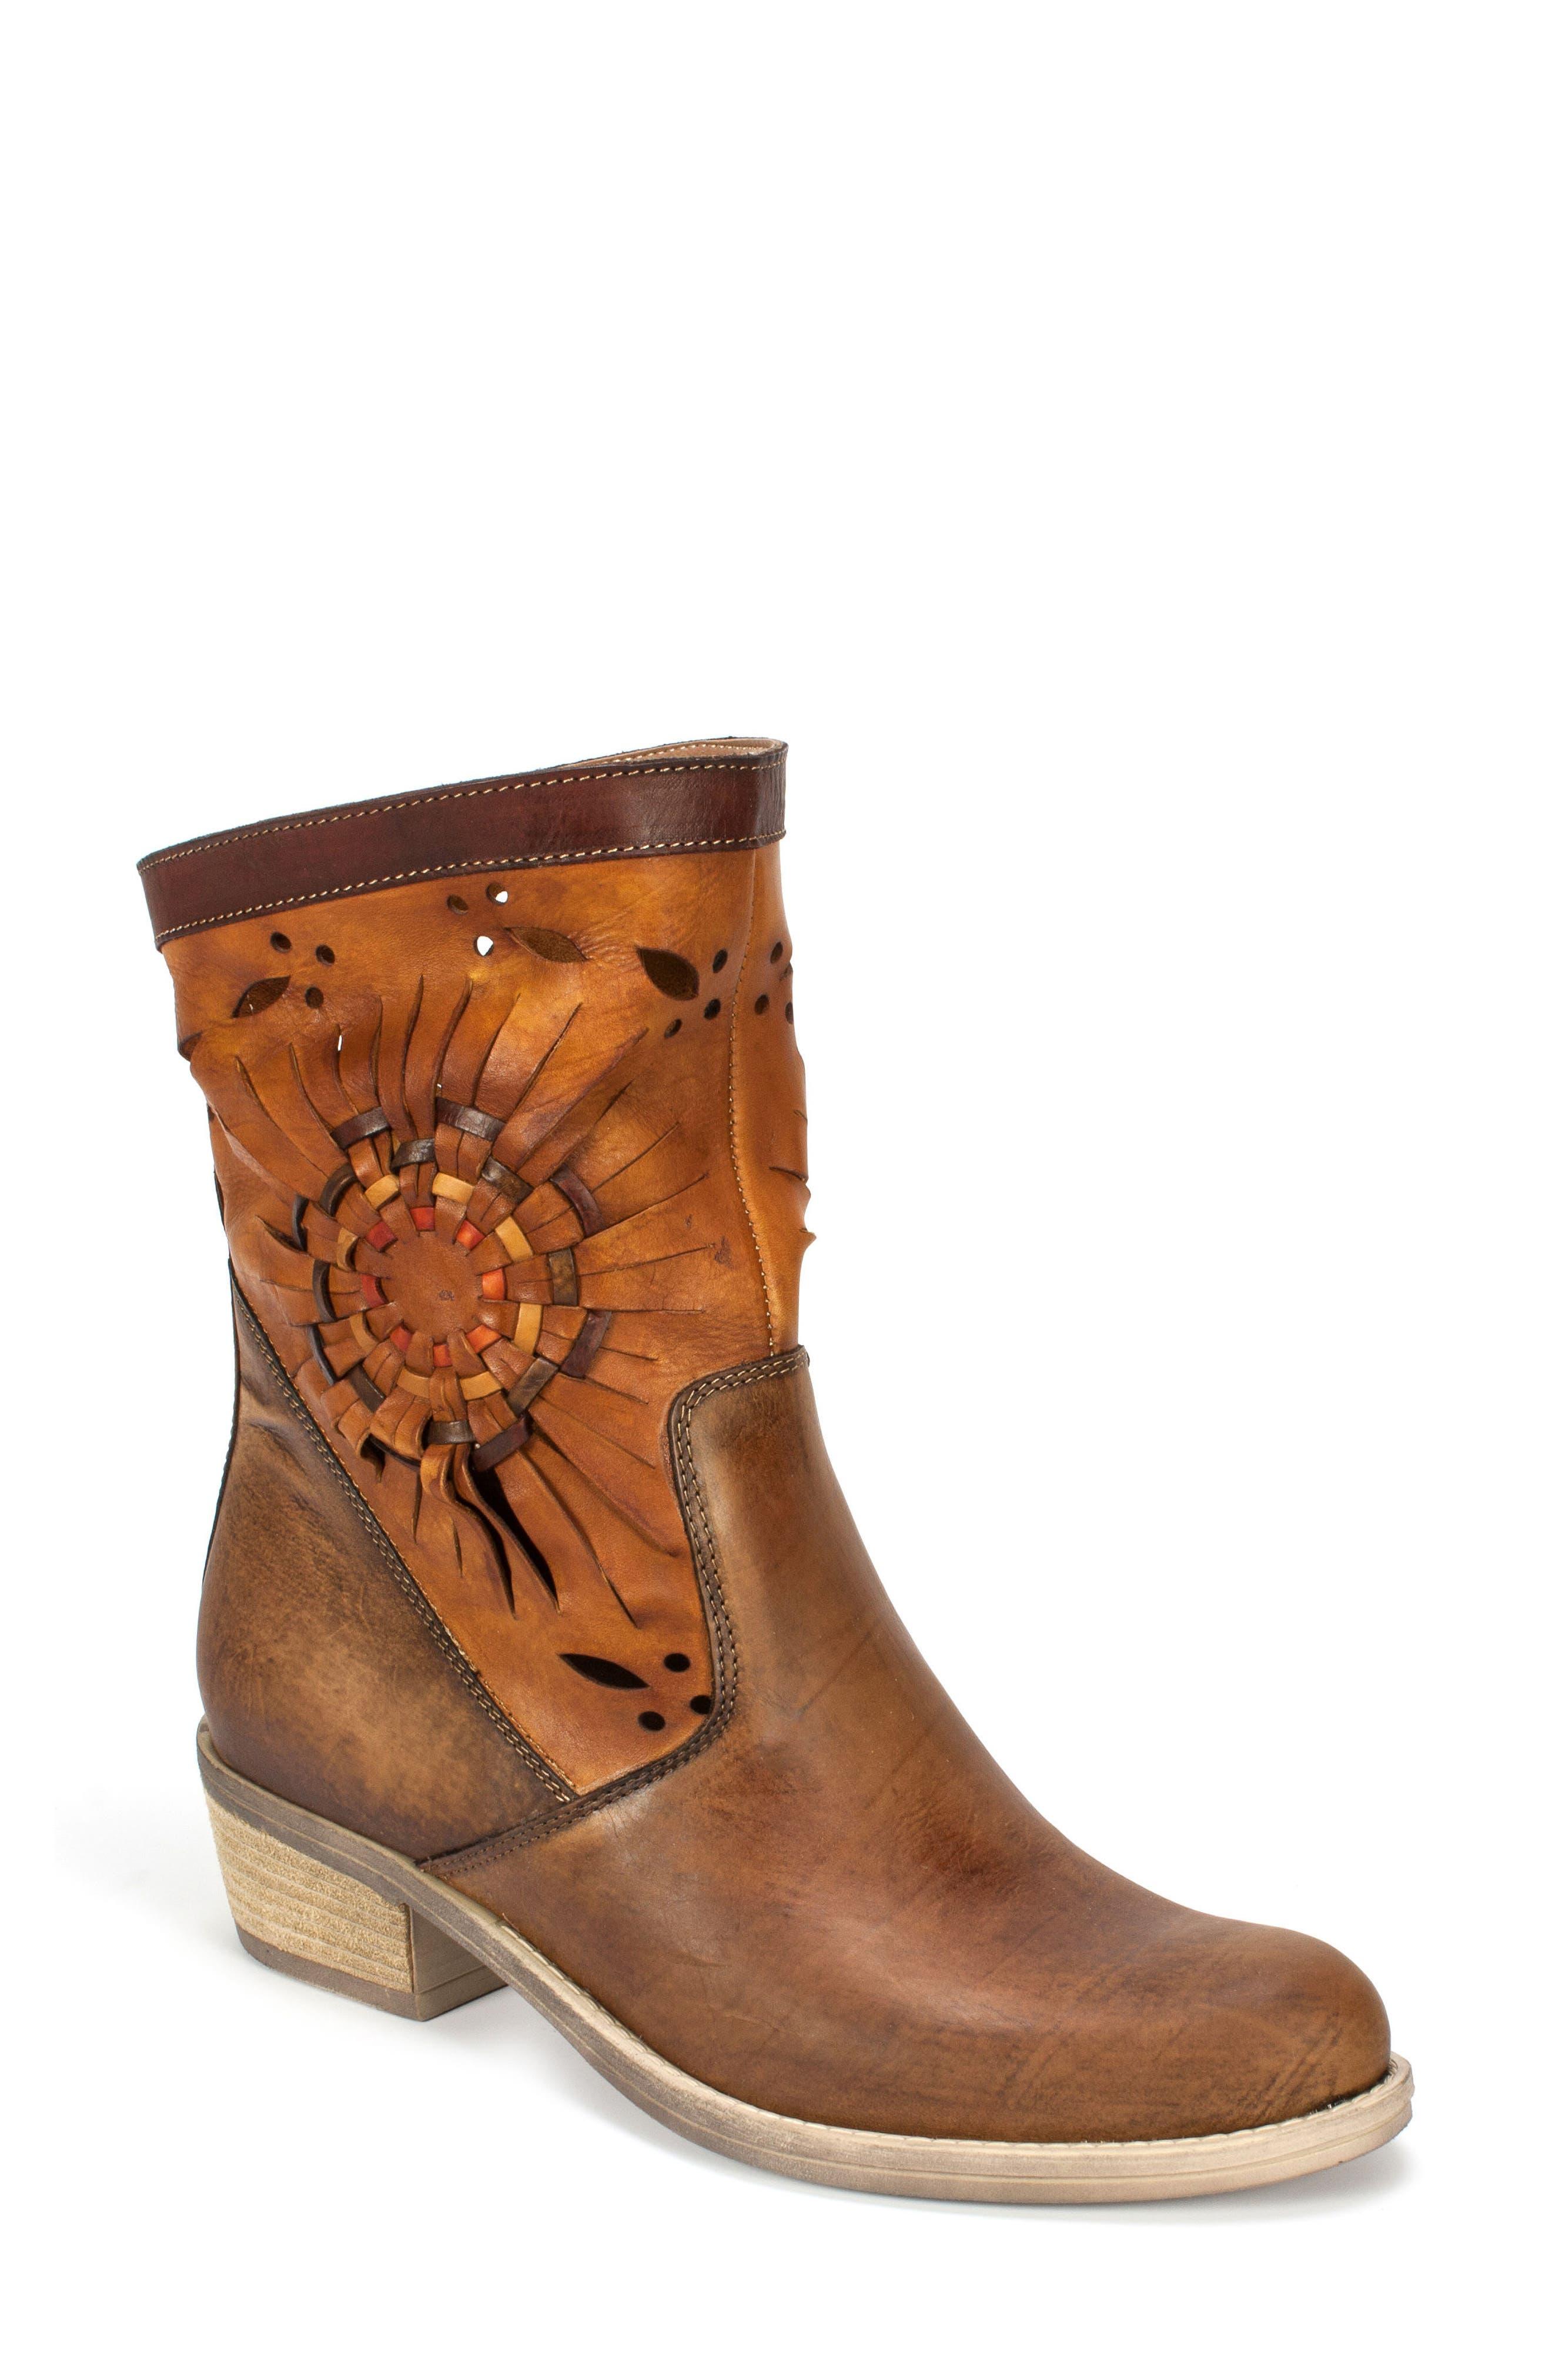 Alternate Image 1 Selected - Summit Taryn Woven Sunburst Boot (Women)